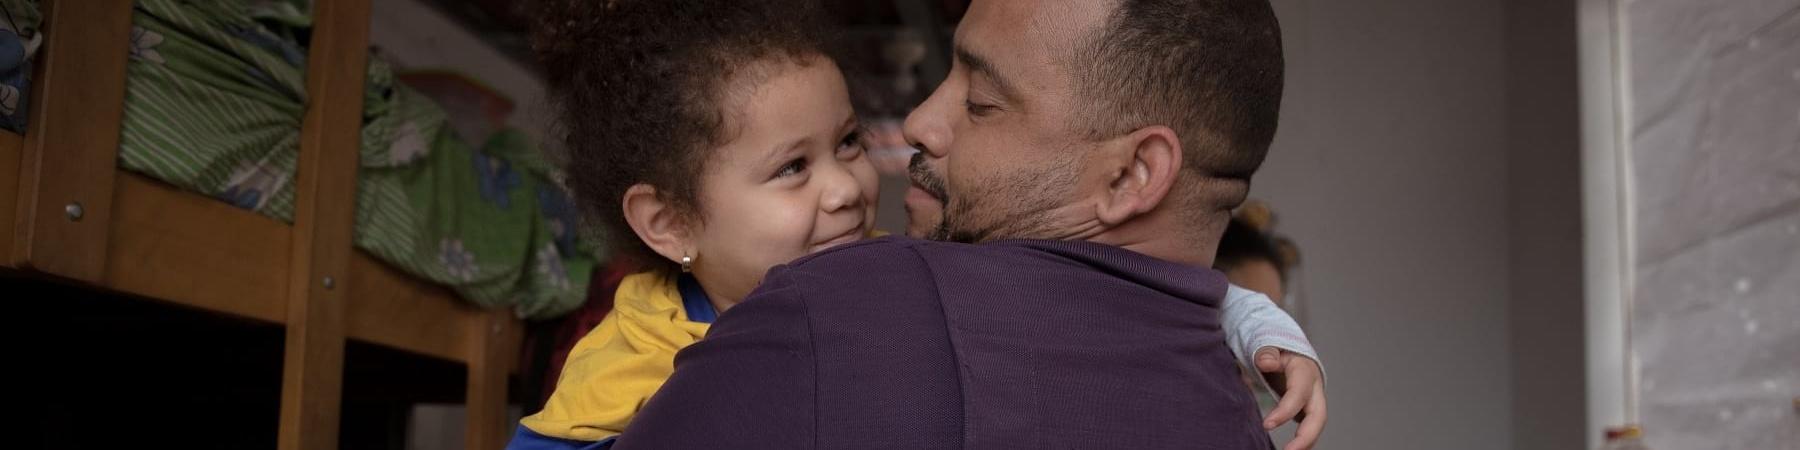 Un papà tiene in braccio e sorride a sua figlia